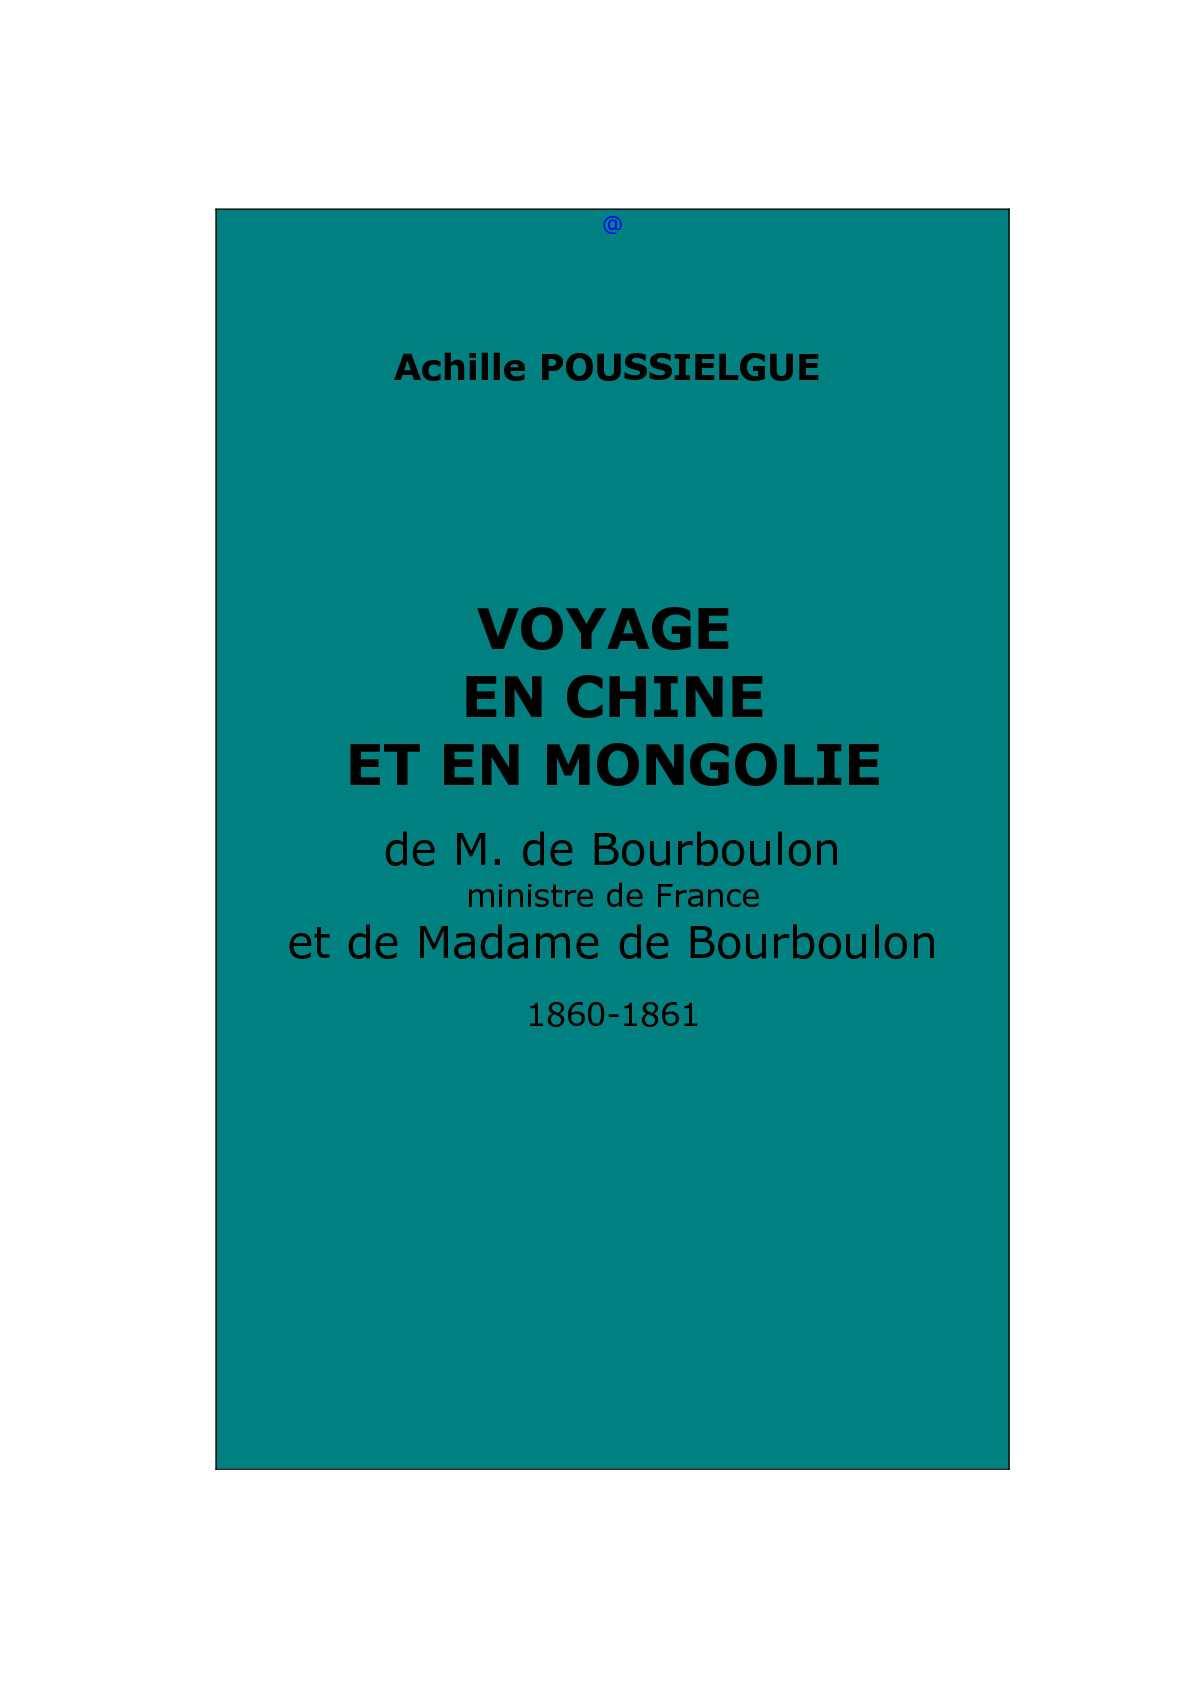 Calaméo - Poussielgue A.   Voyage en Chine et en Mongolie de M. et Mme de  Bourboulon 503701444451